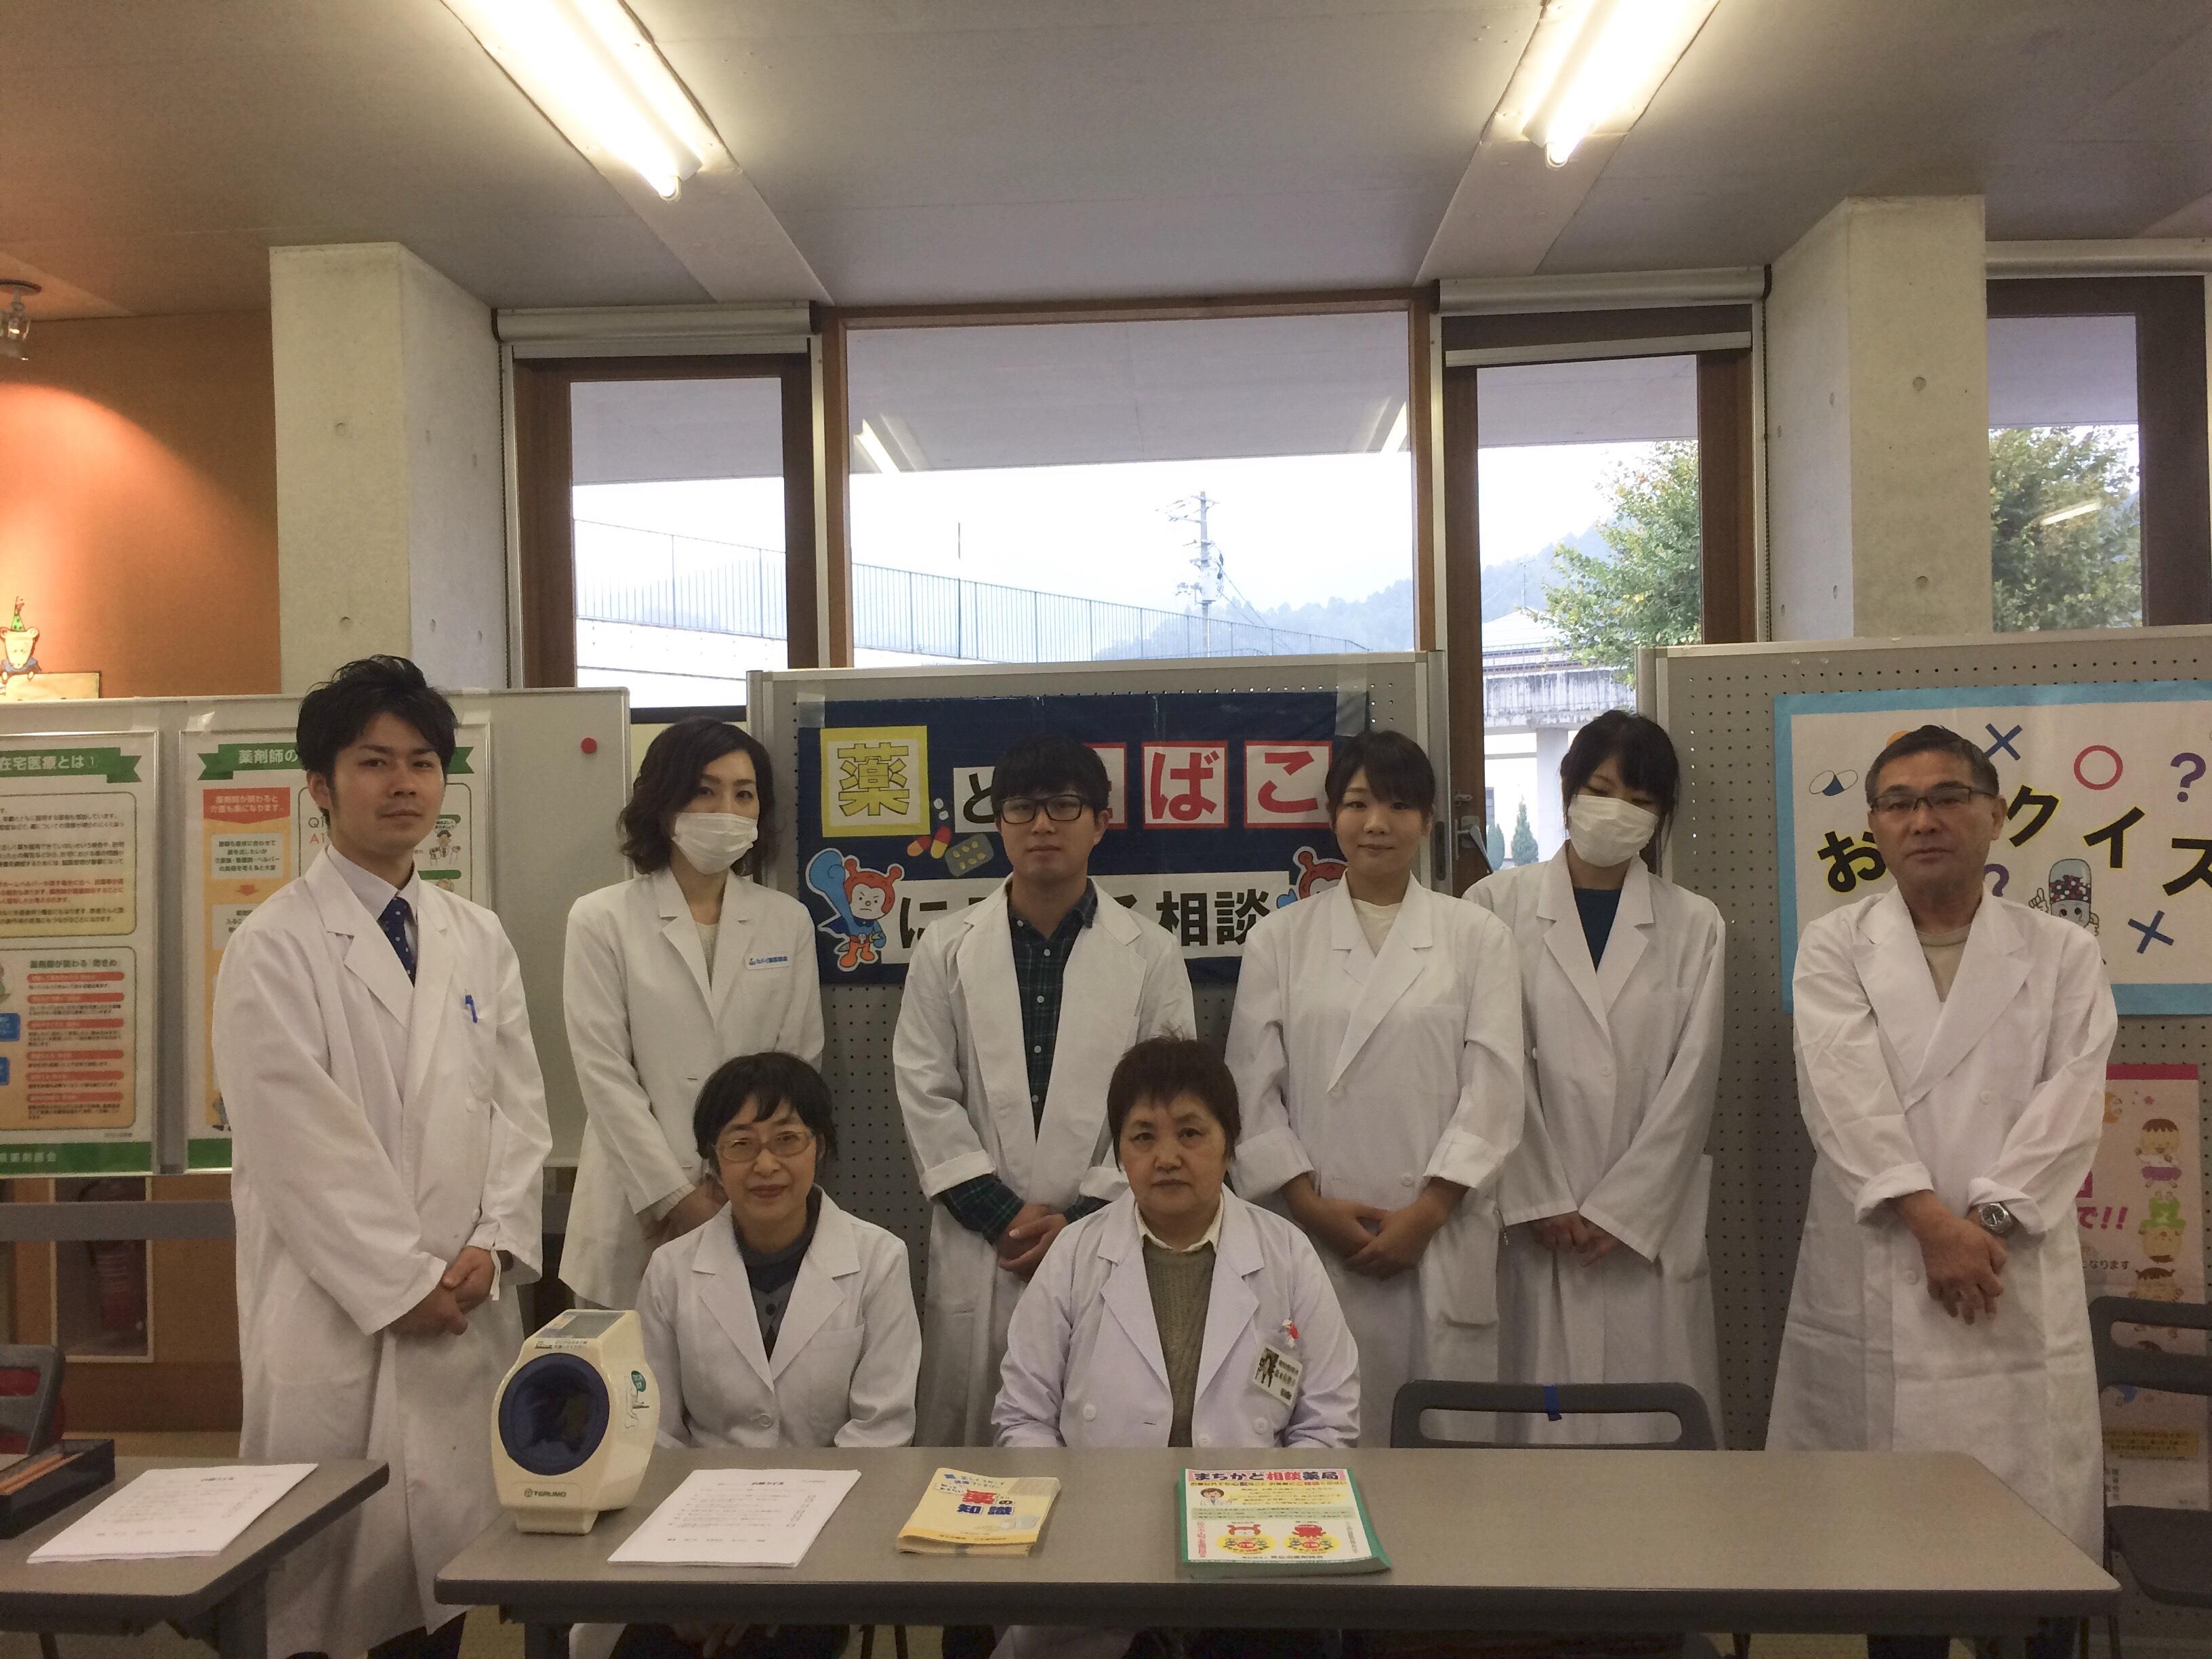 健康フェスティバル @すこやか | 一般社団法人 気仙沼薬剤師会